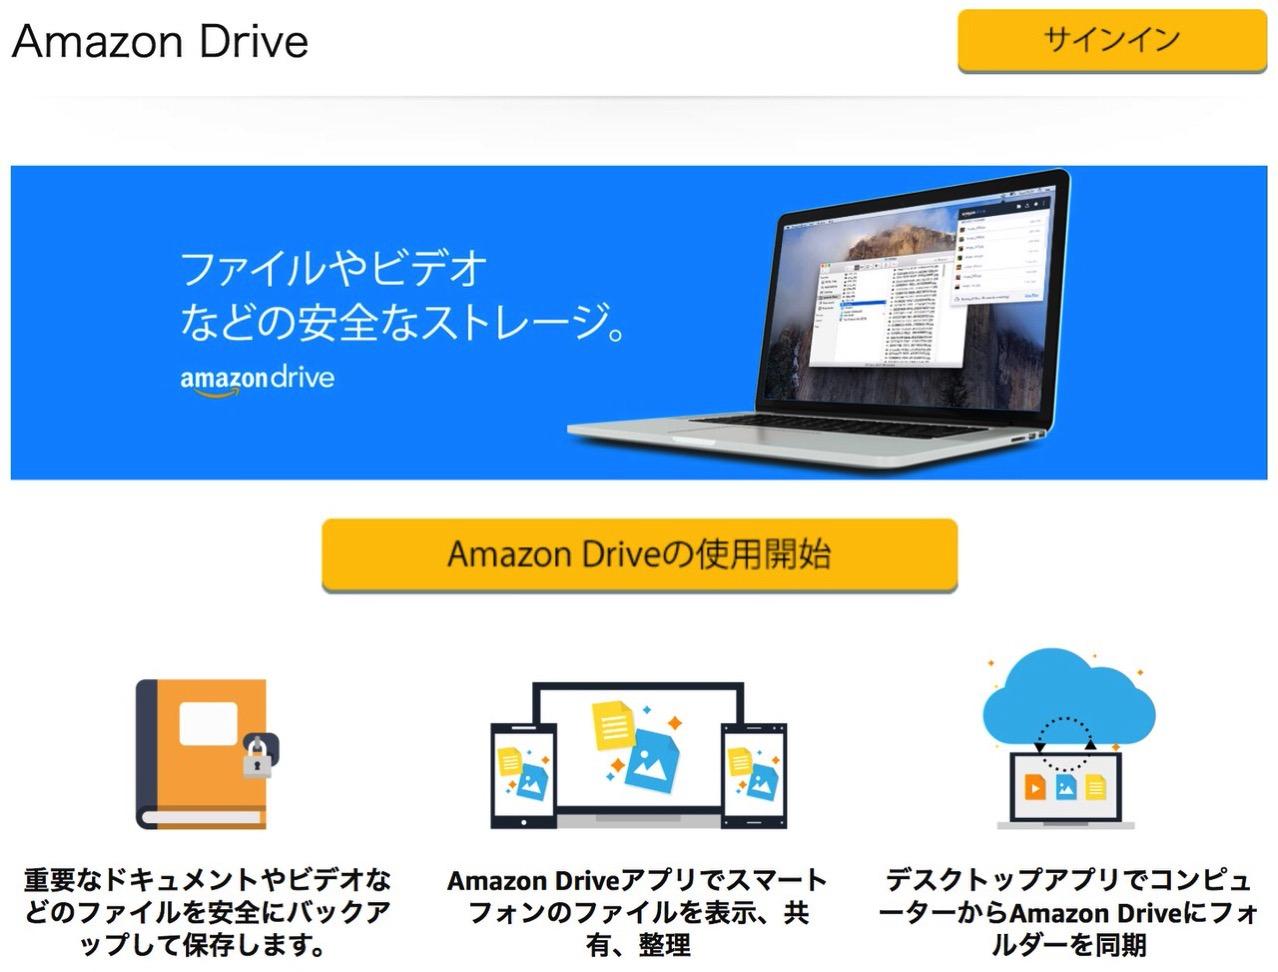 日本でもAmazonの容量無制限のストレージプラン「Unlimitedストレージプラン」終了